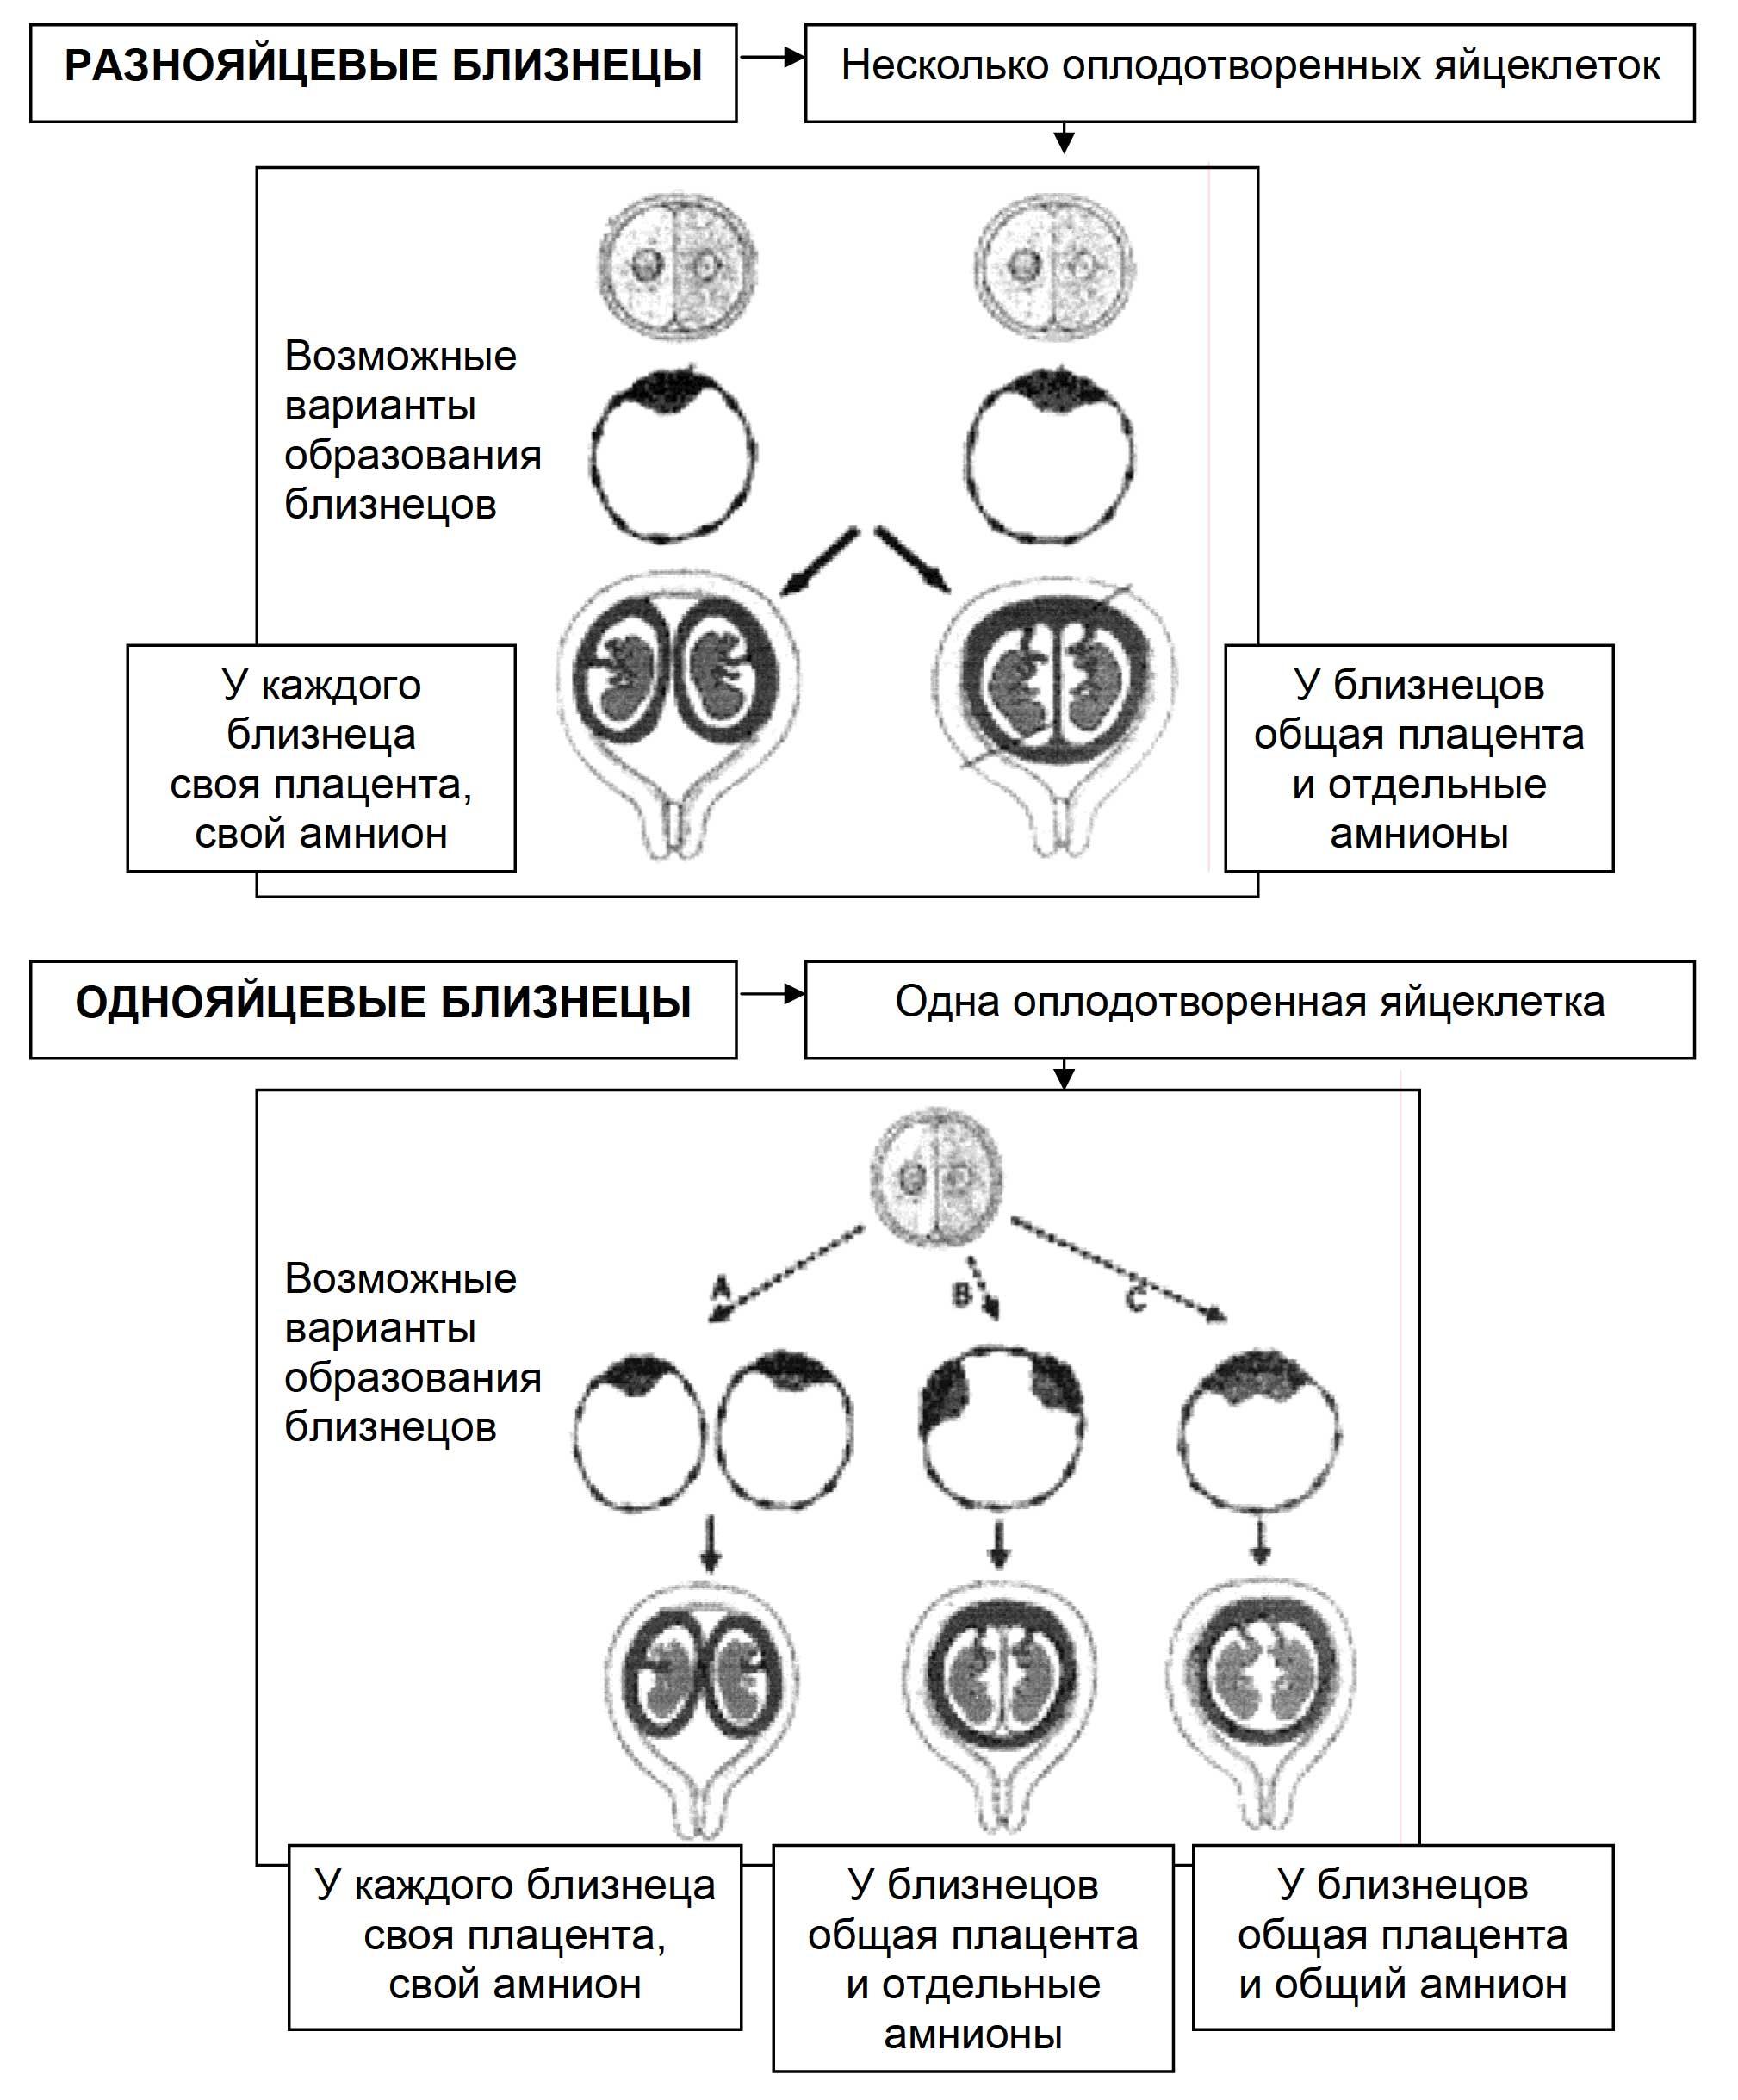 Рис. 1. Образование разнояйцевых и однояйцевых близнецов